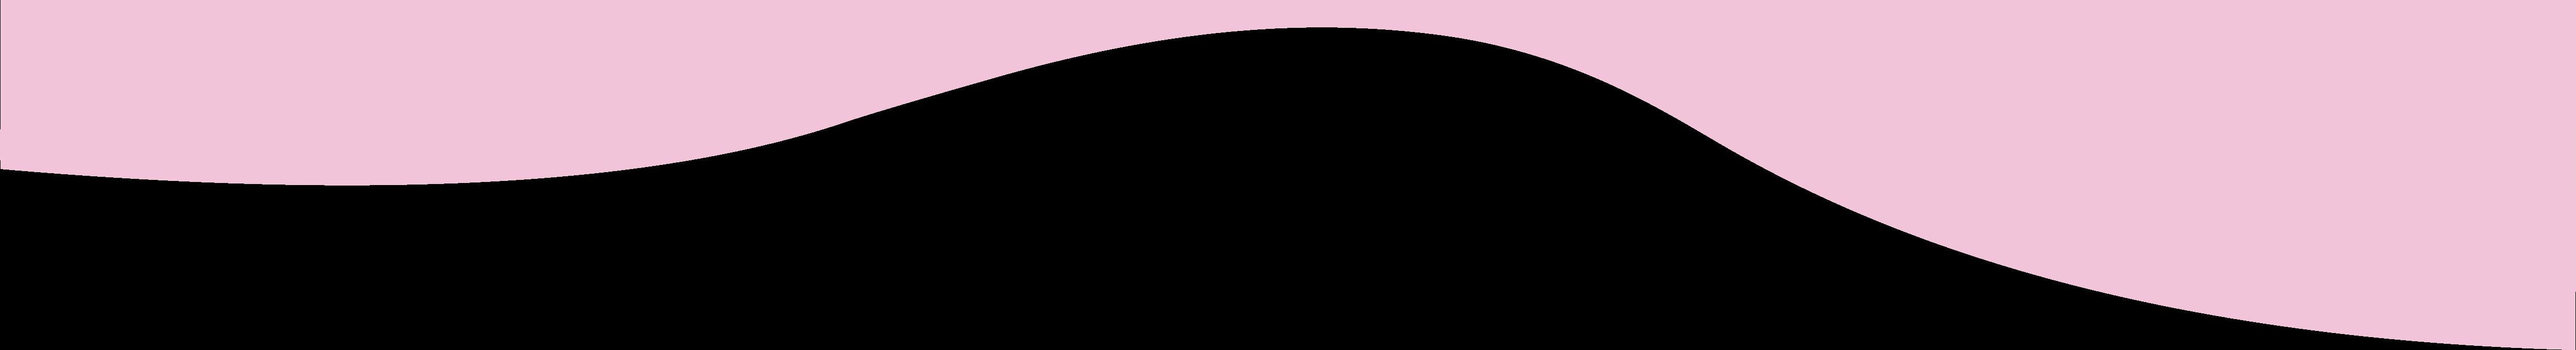 Laugh of the moon, Laugh of artist, Victoria Gasperi, Boutique en ligne, Boutique en ligne spirituelle, Boutique en ligne ésotérique, Boutique ésotérique, Boutique spirituelle, Spiritualité, Encens, Fumigation, Oracles, Jeux divinatoires, Librairie spirituelle, Rituel, Rituels, Encens, Encens Palo Santo, Palo Santo, Sauge, Sauge blanche, Sauge blanche 7 chakras, Sauge blanche de californie, Bâton de yerba, Coquille d'ormeau, Tarot, Tarots, Livre spirituel, Tirages, Énergie, Énergie spirituelle, Divination